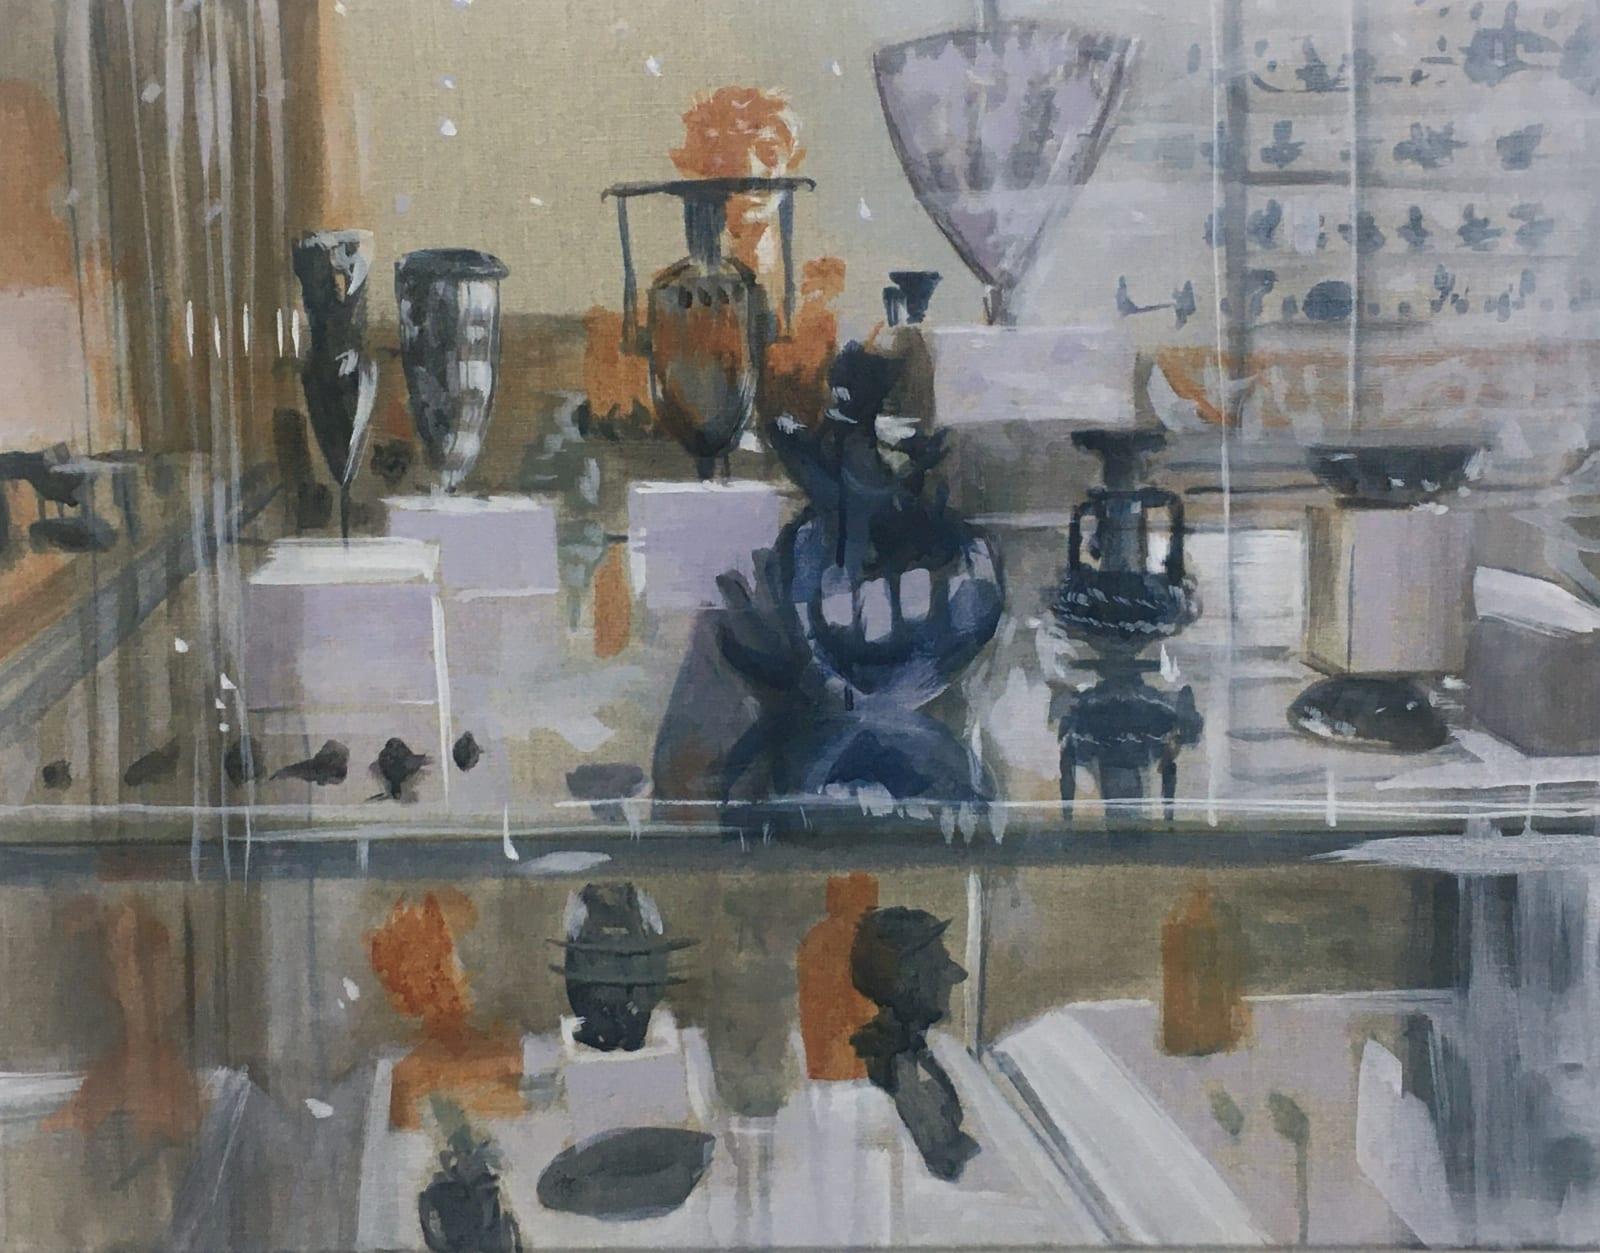 Elizabeth Schwaiger, Quite the Collection, 2020